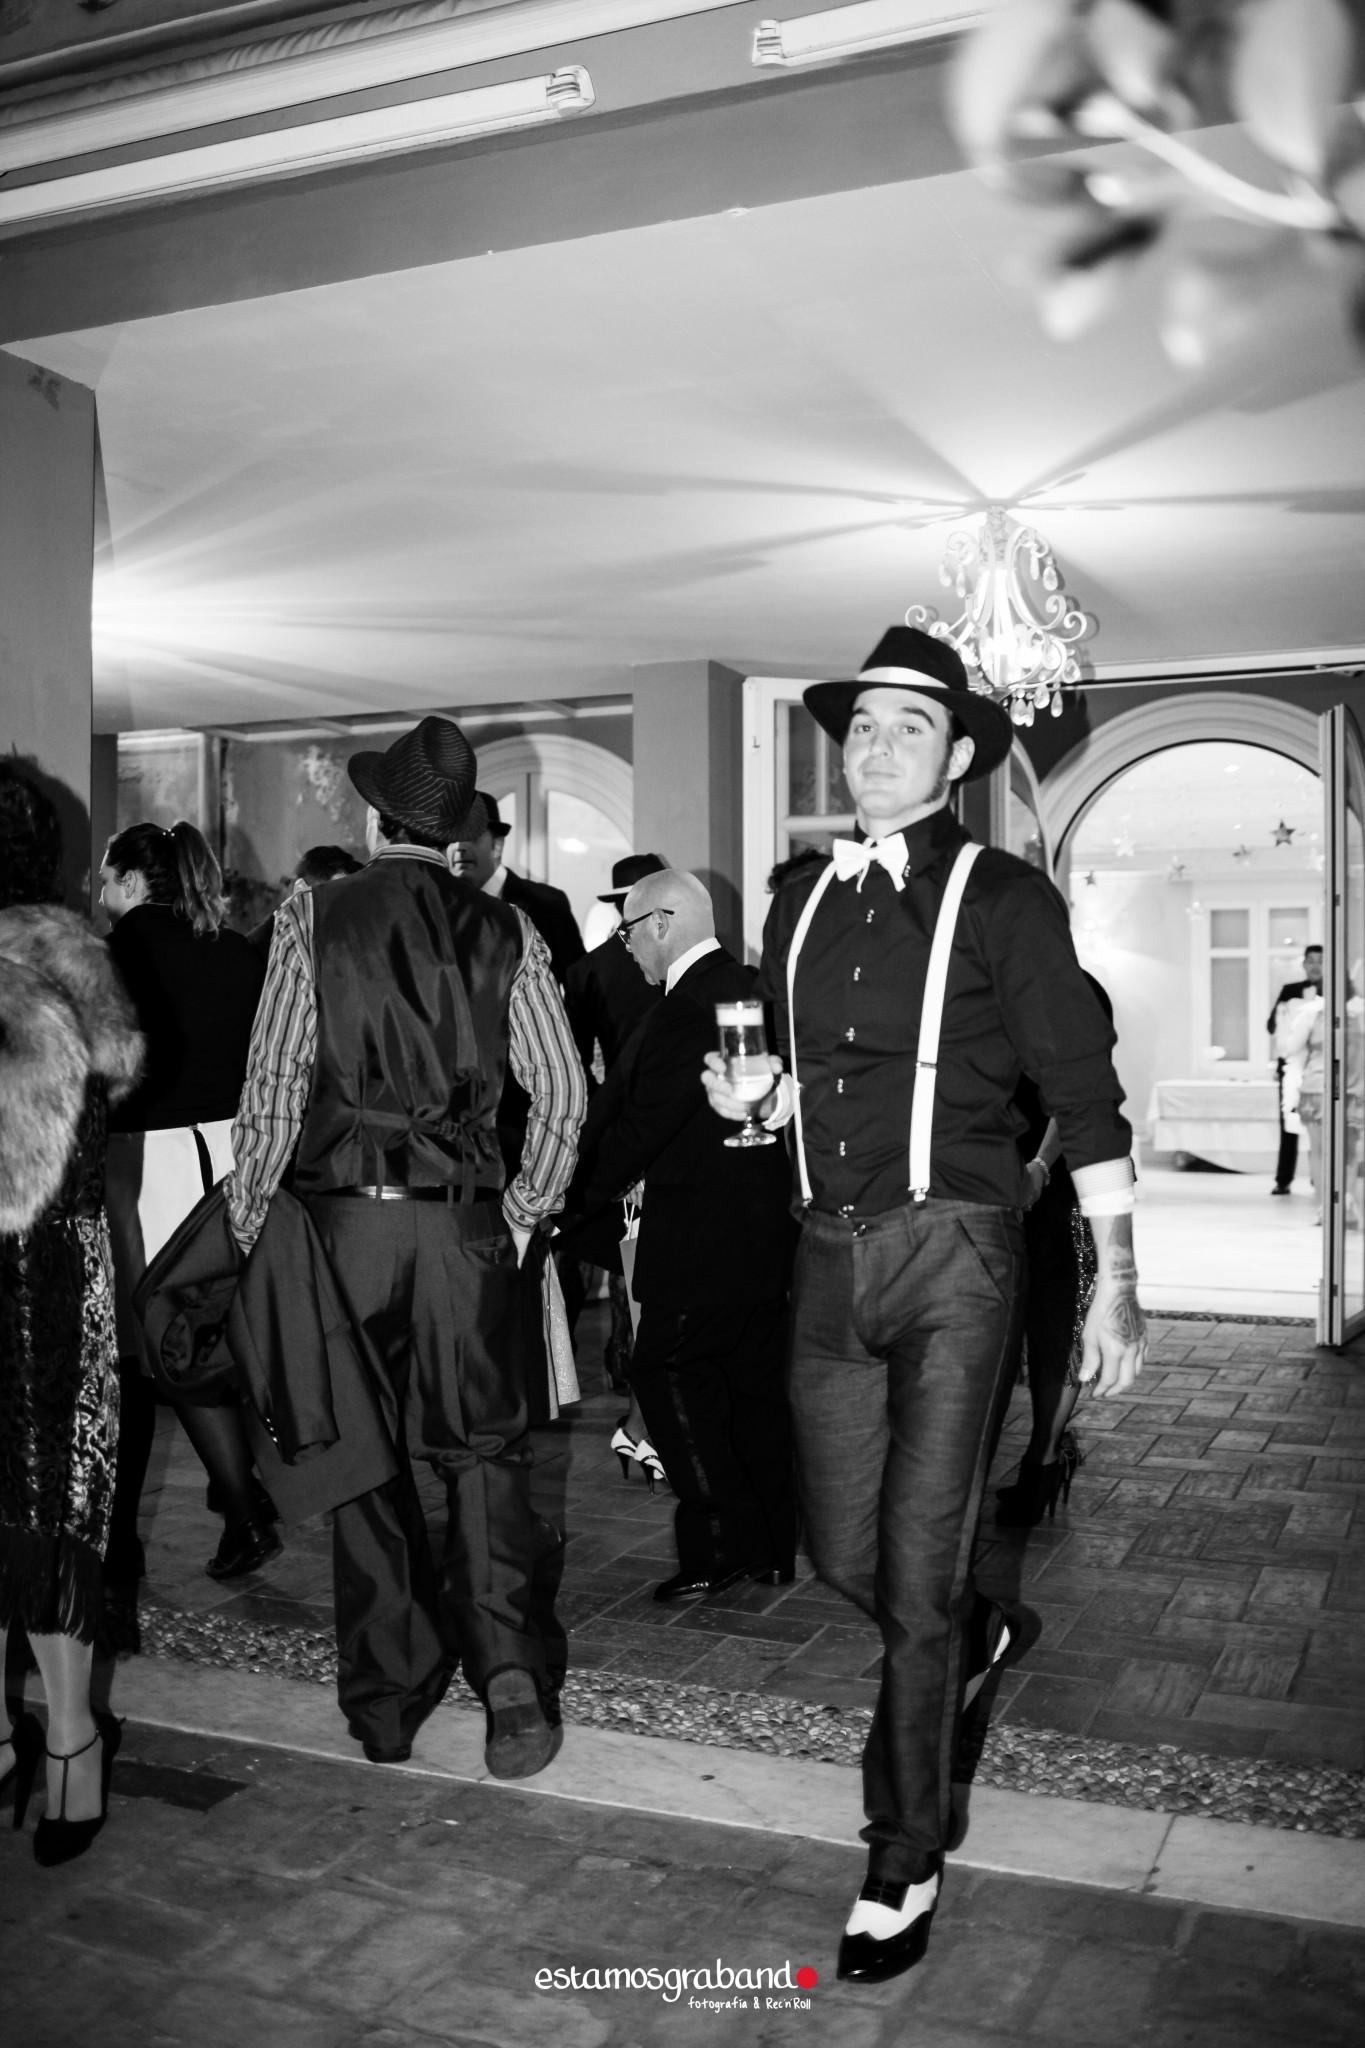 Años-20-BBTP-28-de-109 Los locos Años 20 [Fotografía en La Teta de Julieta, Cádiz] - video boda cadiz